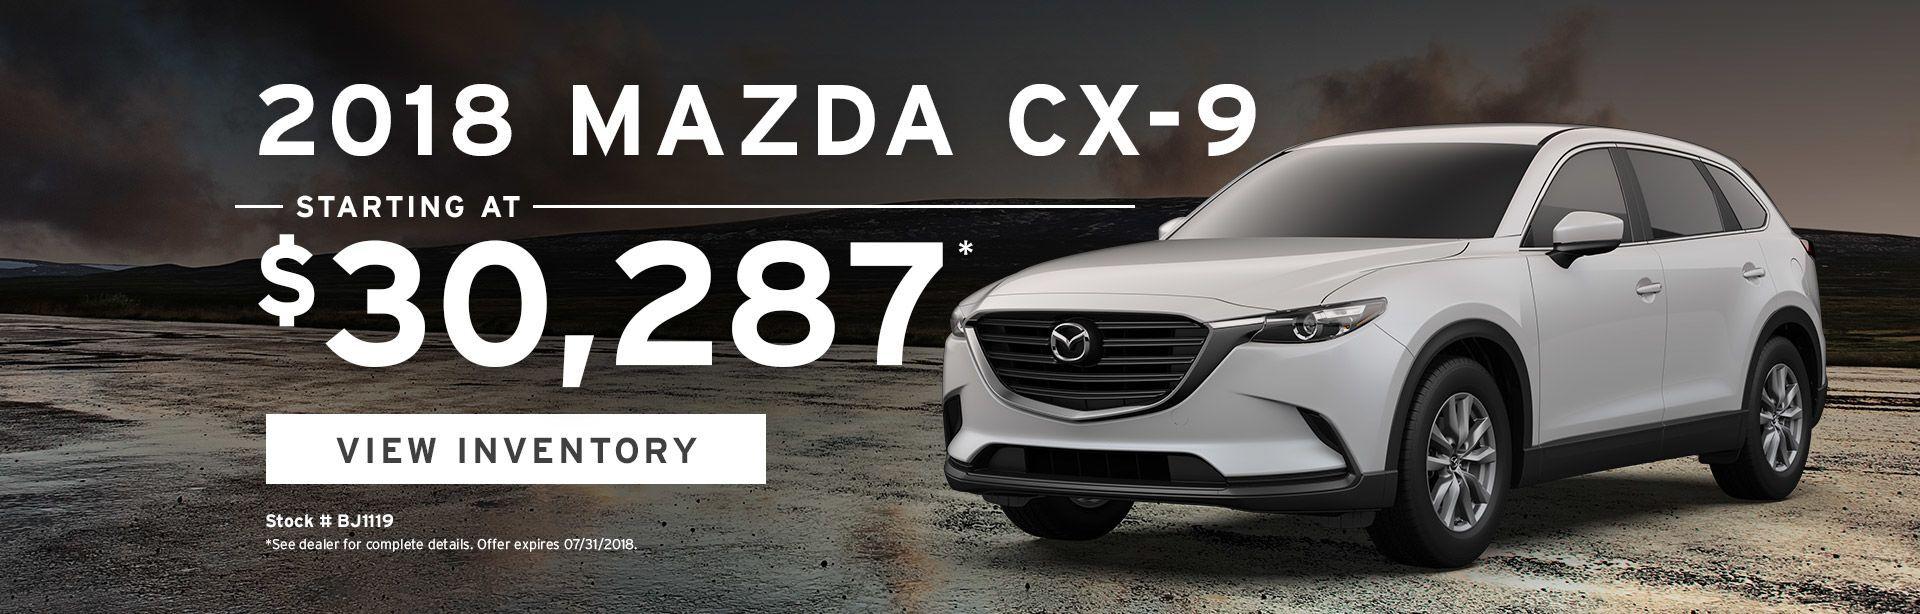 Mazda CX-9 Specials